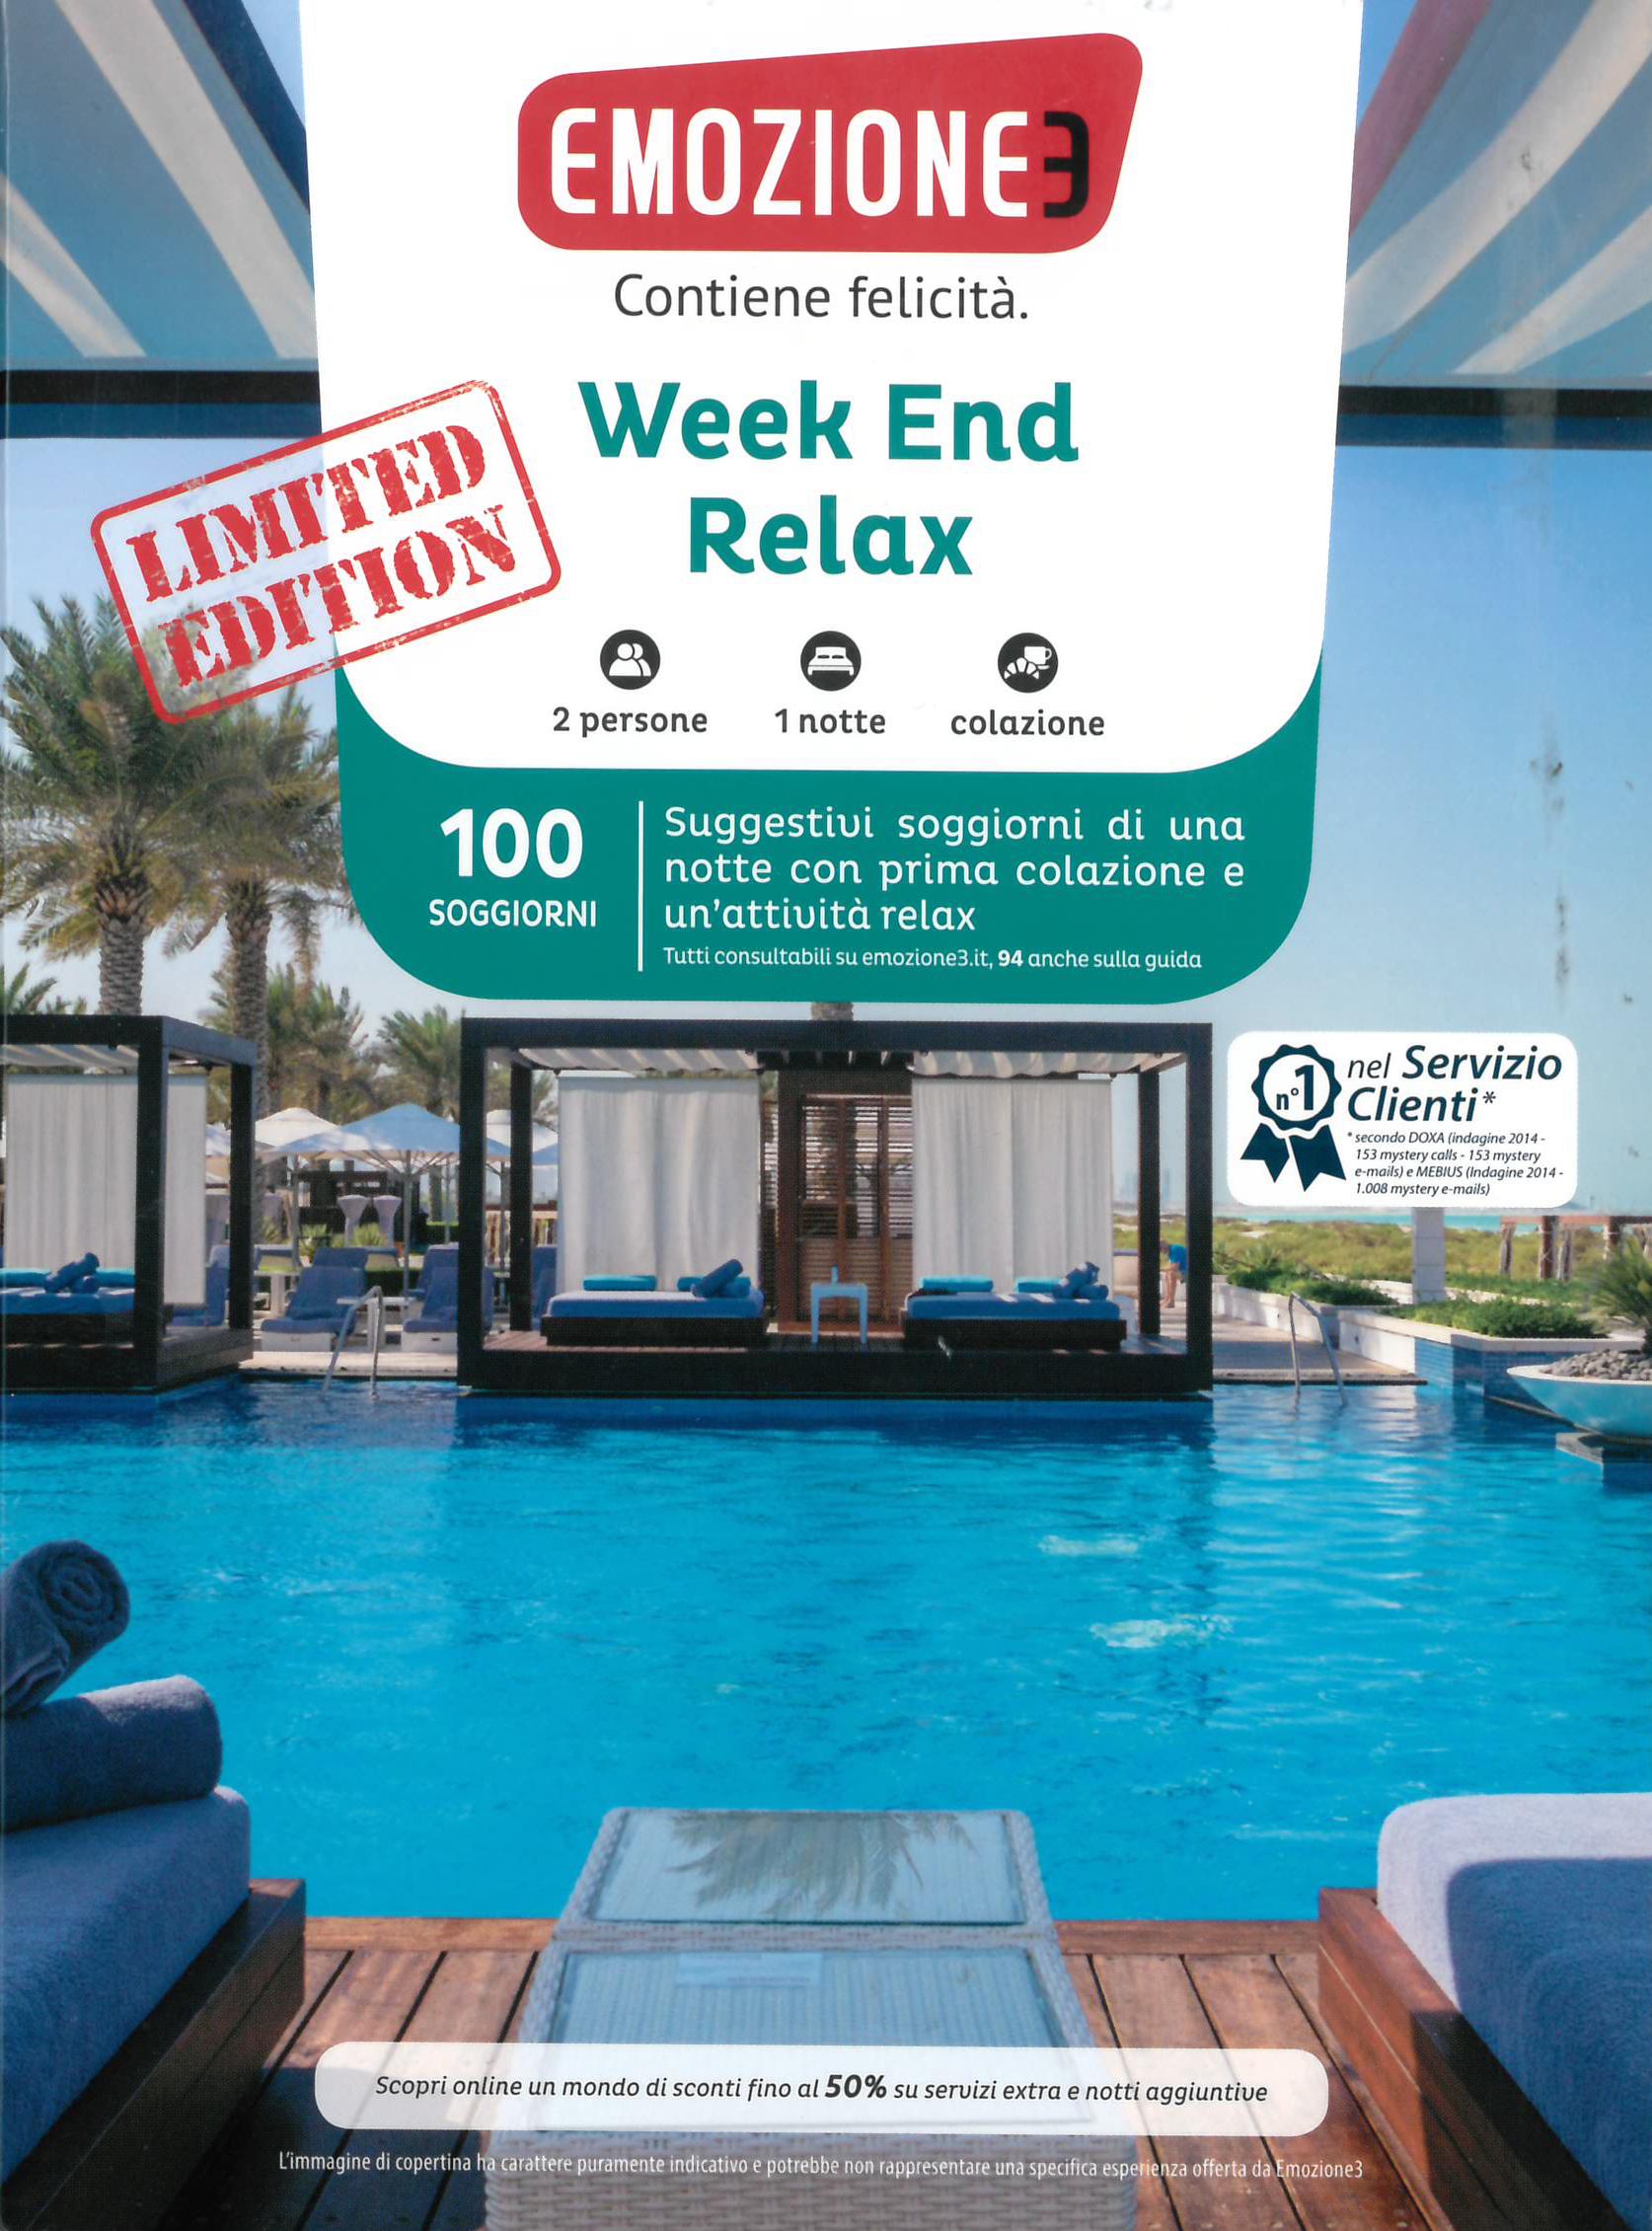 Emozione3 Week End Relax e Mille Emozioni per 2 – Il Fattoio